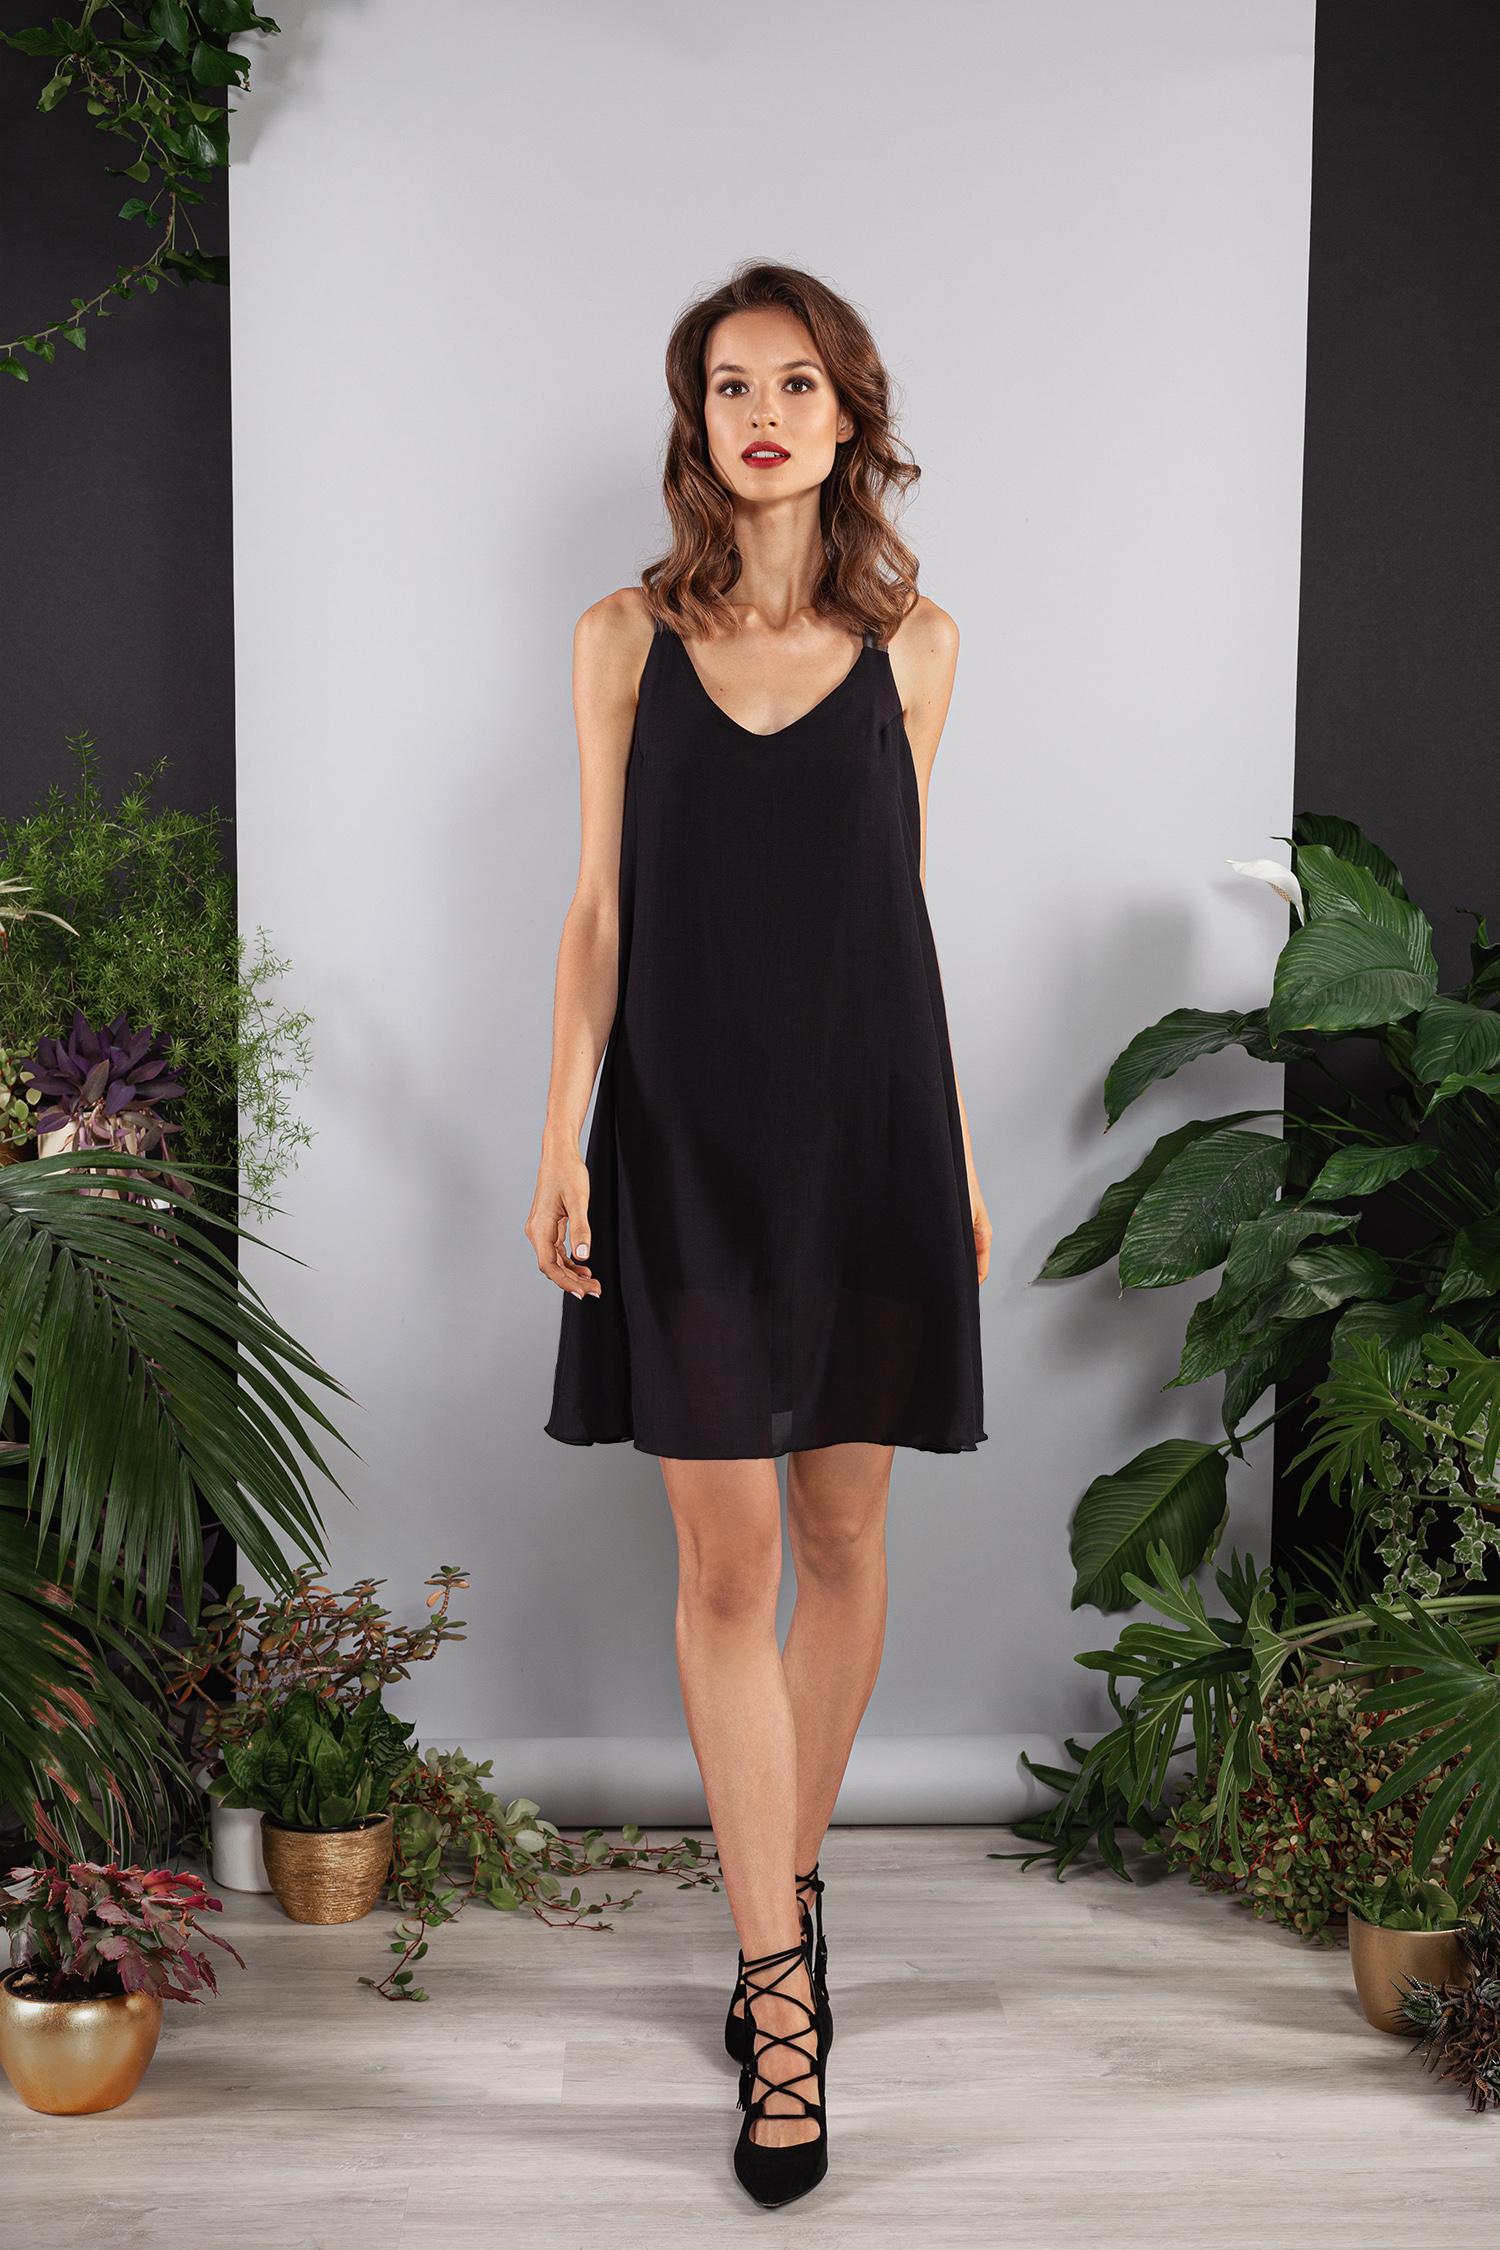 schwarzes kleid tencel lyocell mit gummi-trägern